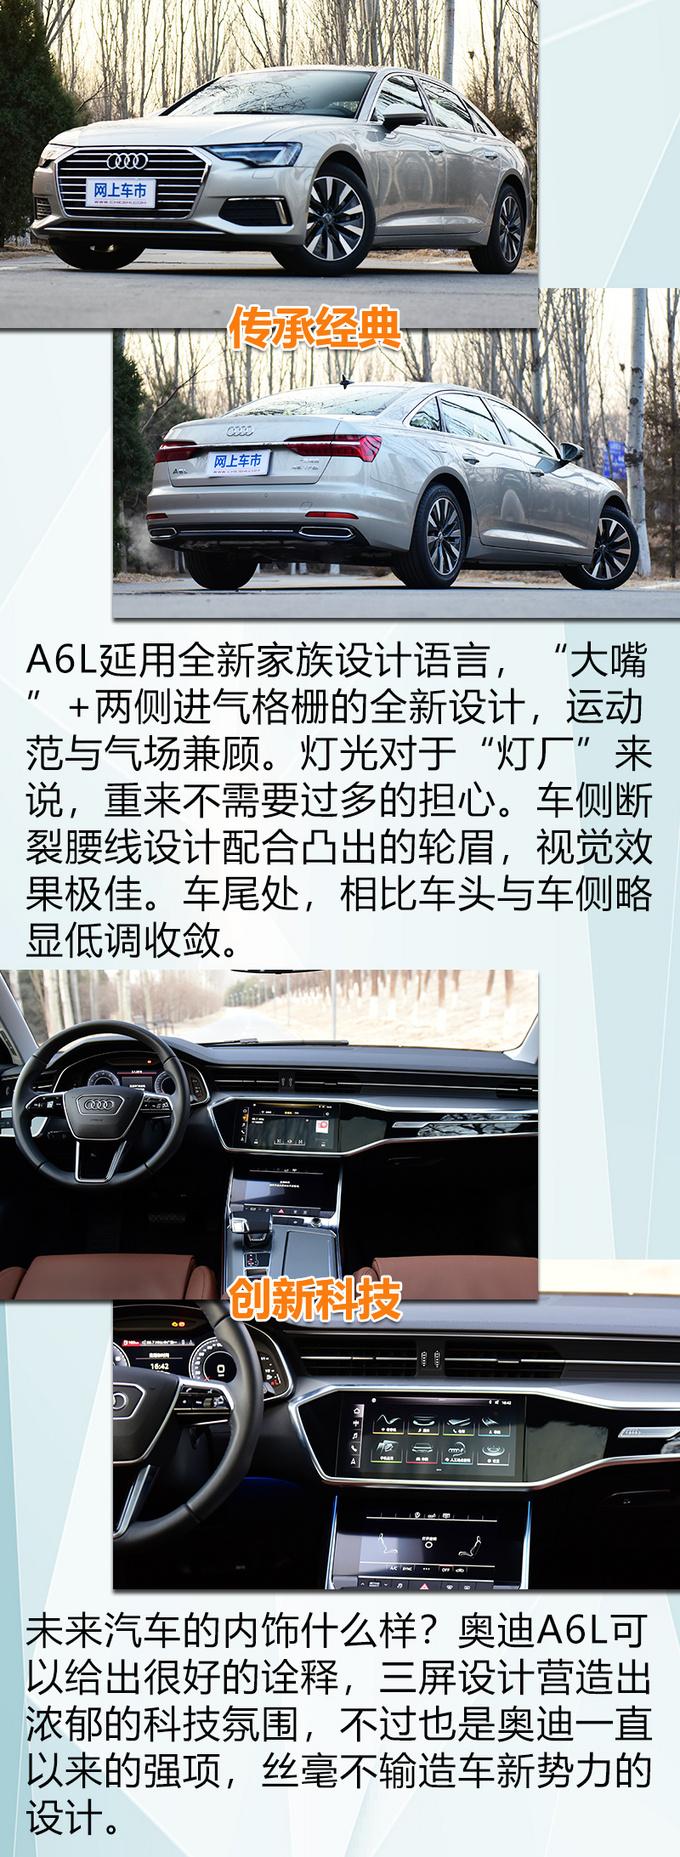 实力碾压5系E级 全新A6L能否再造销量神话-图4